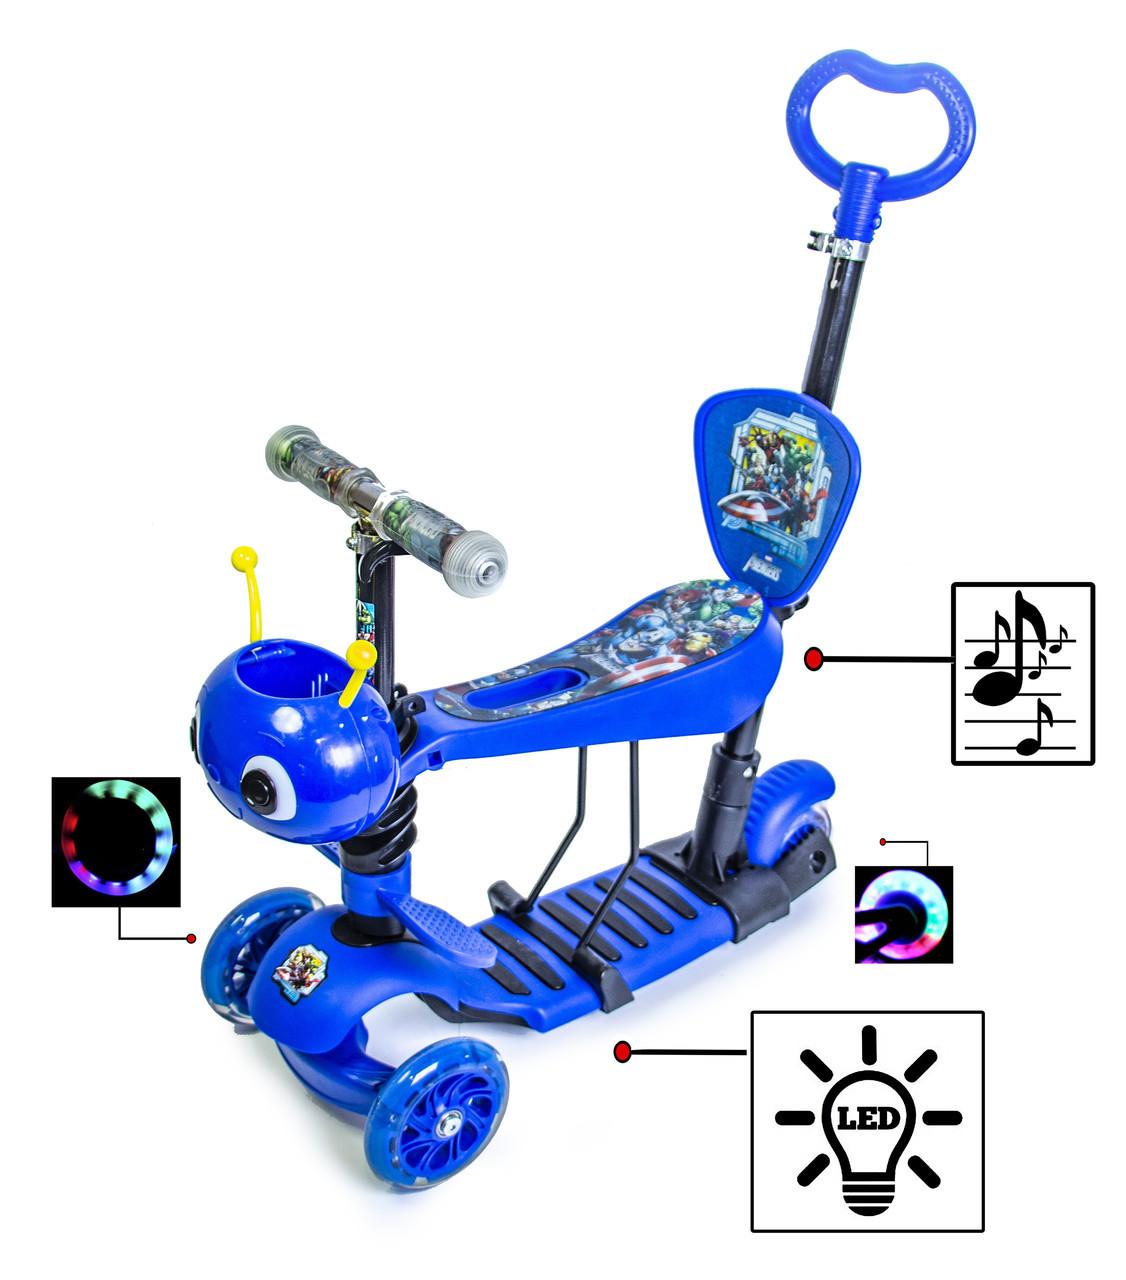 """Самокат Scooter """"Пчелка"""" 5in1. Герои. Blue. со светом и музыкой! с сиденьем и родительской ручкой"""